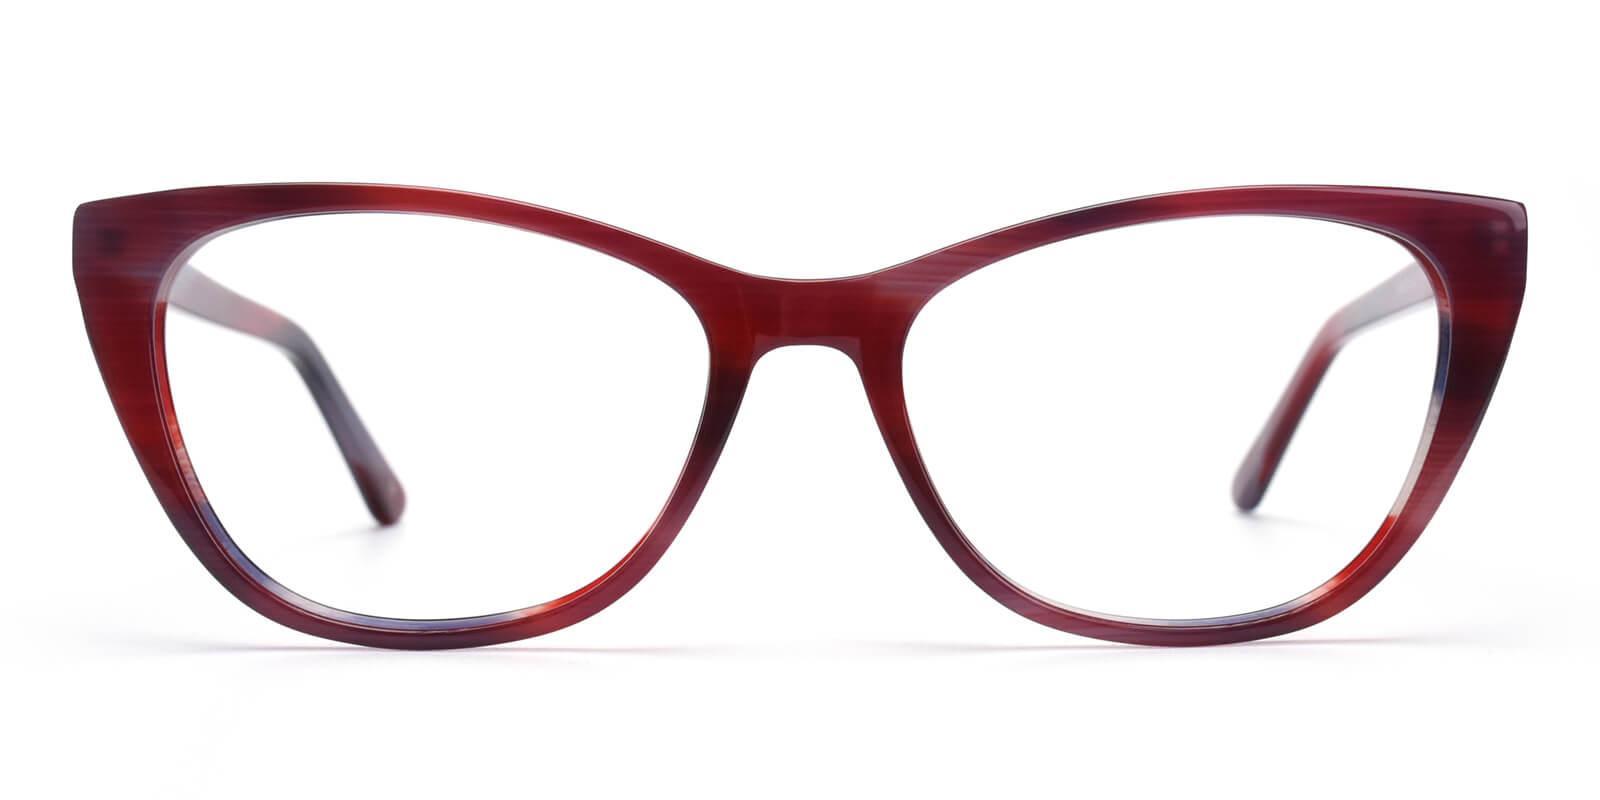 Chigo-Purple-Cat-Acetate-Eyeglasses-additional2